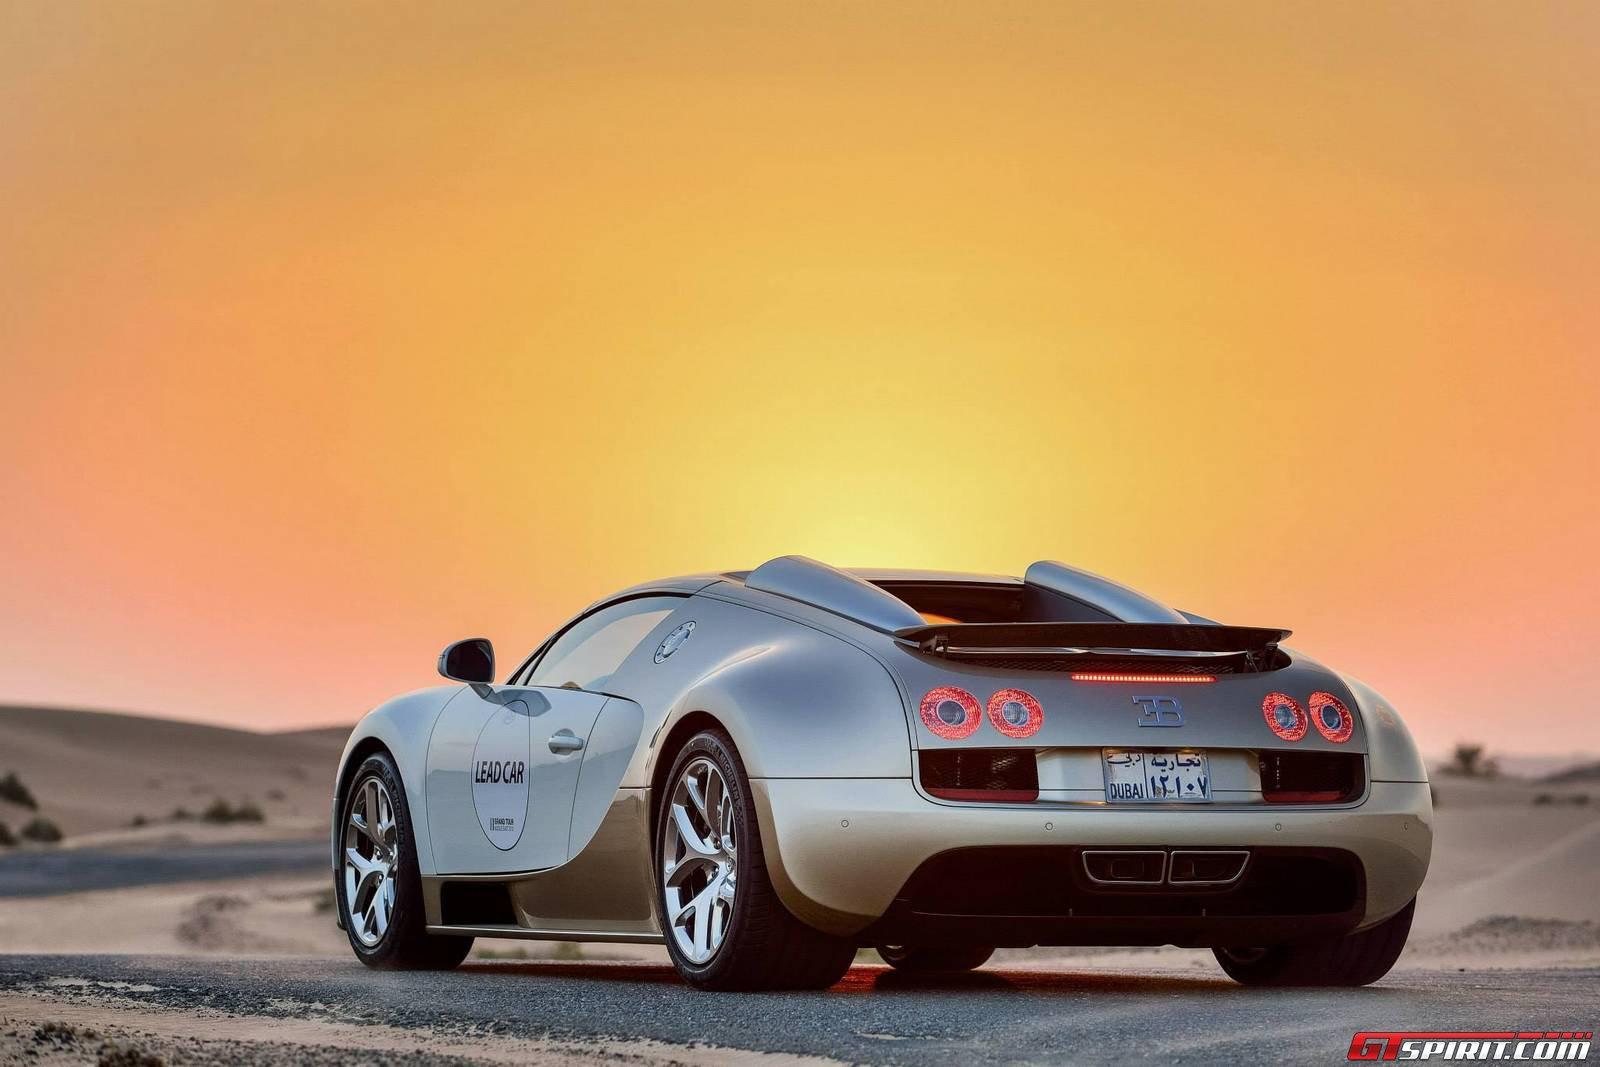 Những khoảnh khắc đáng nhớ nhất của Bugatti trong năm qua 10